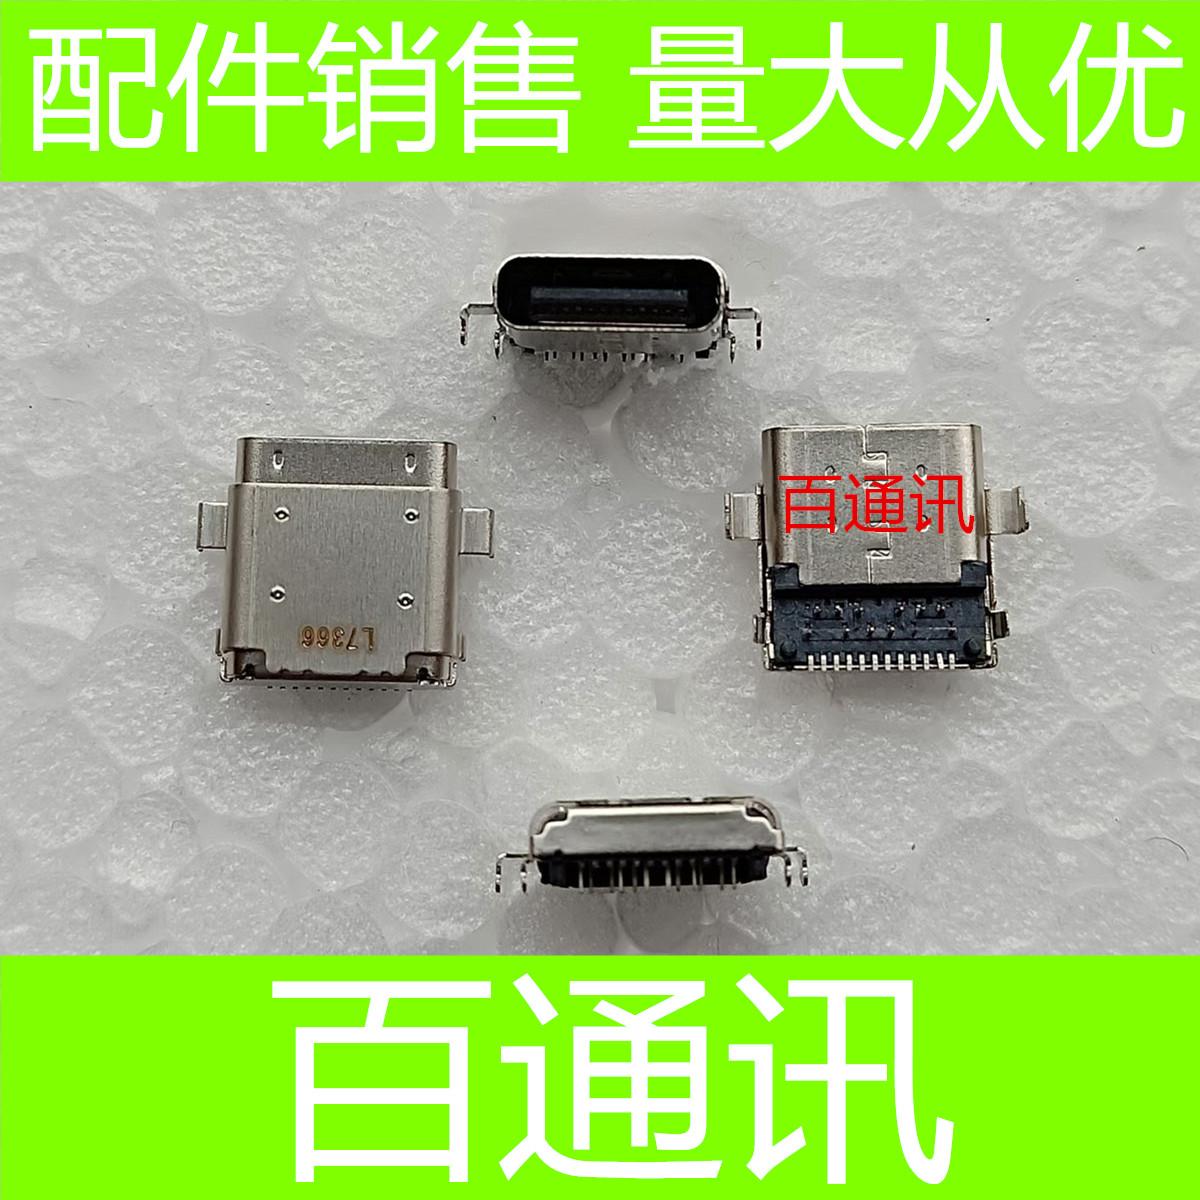 适用小米笔记本电脑尾插 171501-AQ 充电口 type-c 171501-AL接口